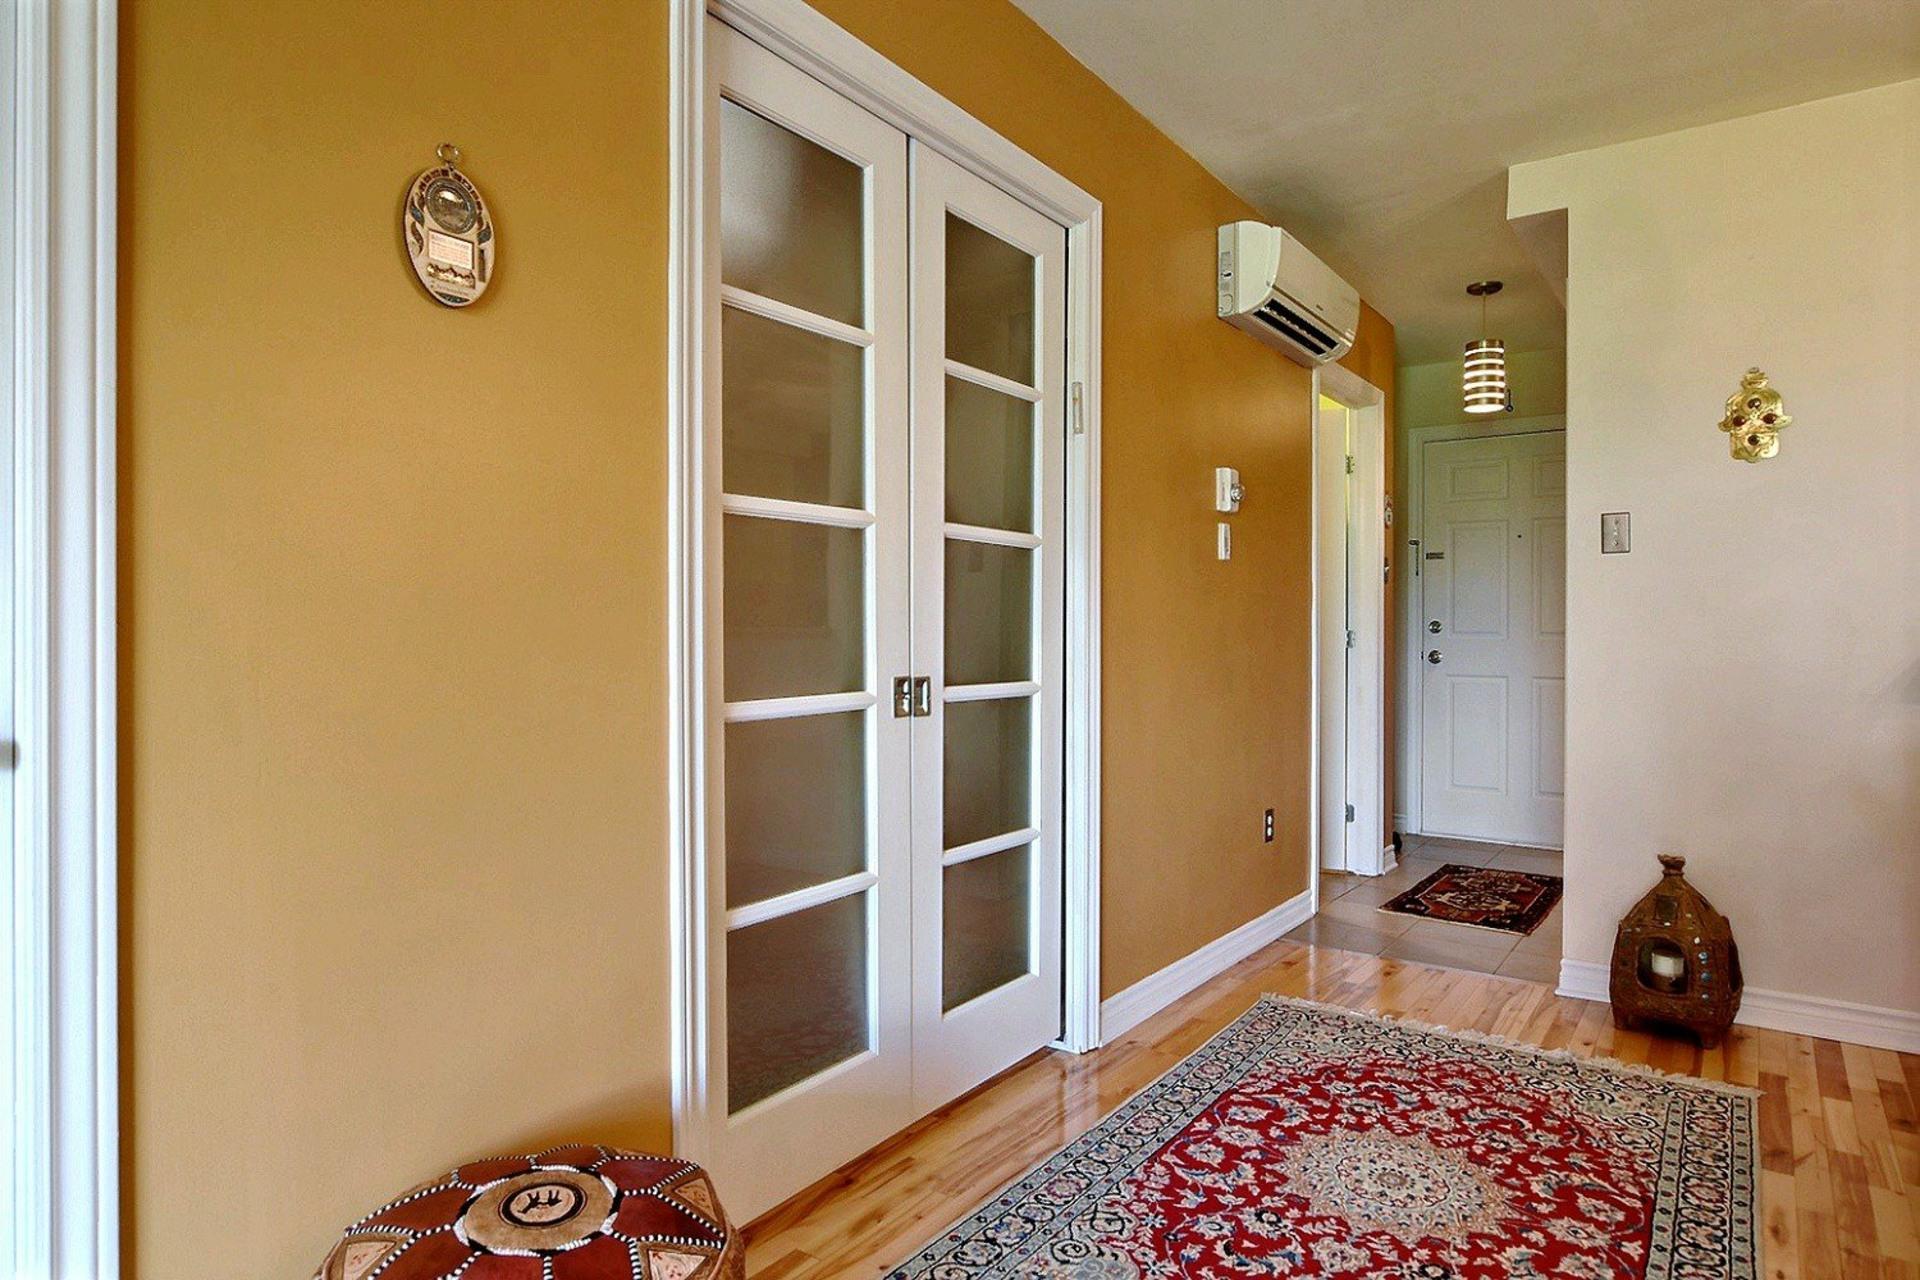 image 4 - Appartement À vendre Montréal Côte-des-Neiges/Notre-Dame-de-Grâce  - 4 pièces